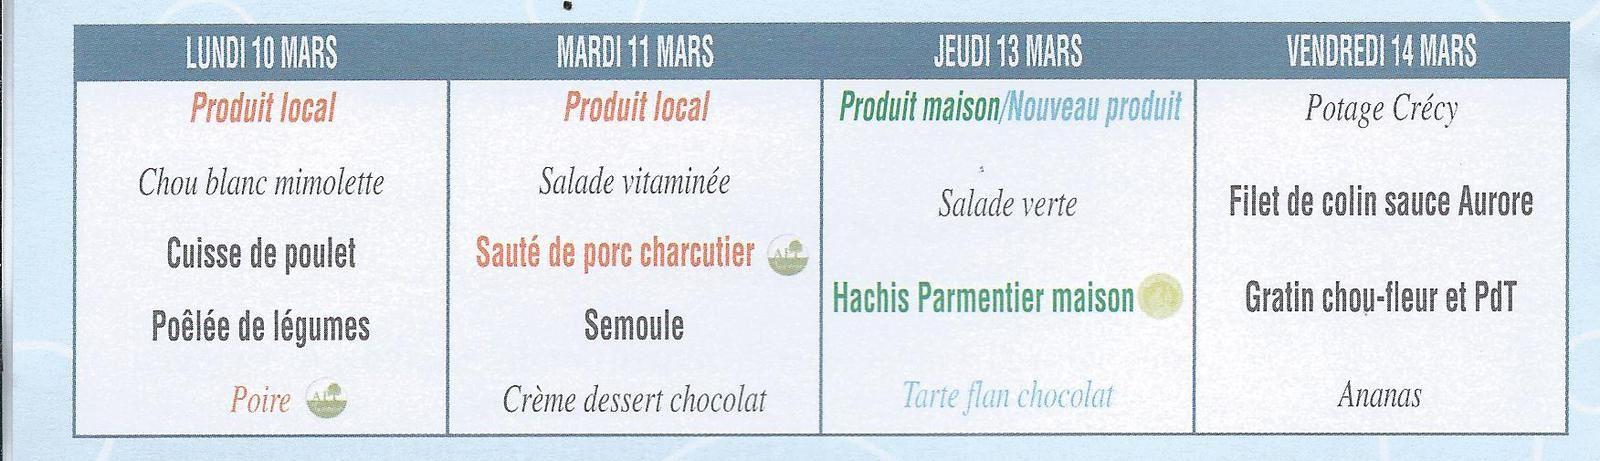 Du chocolat au menu 2 fois